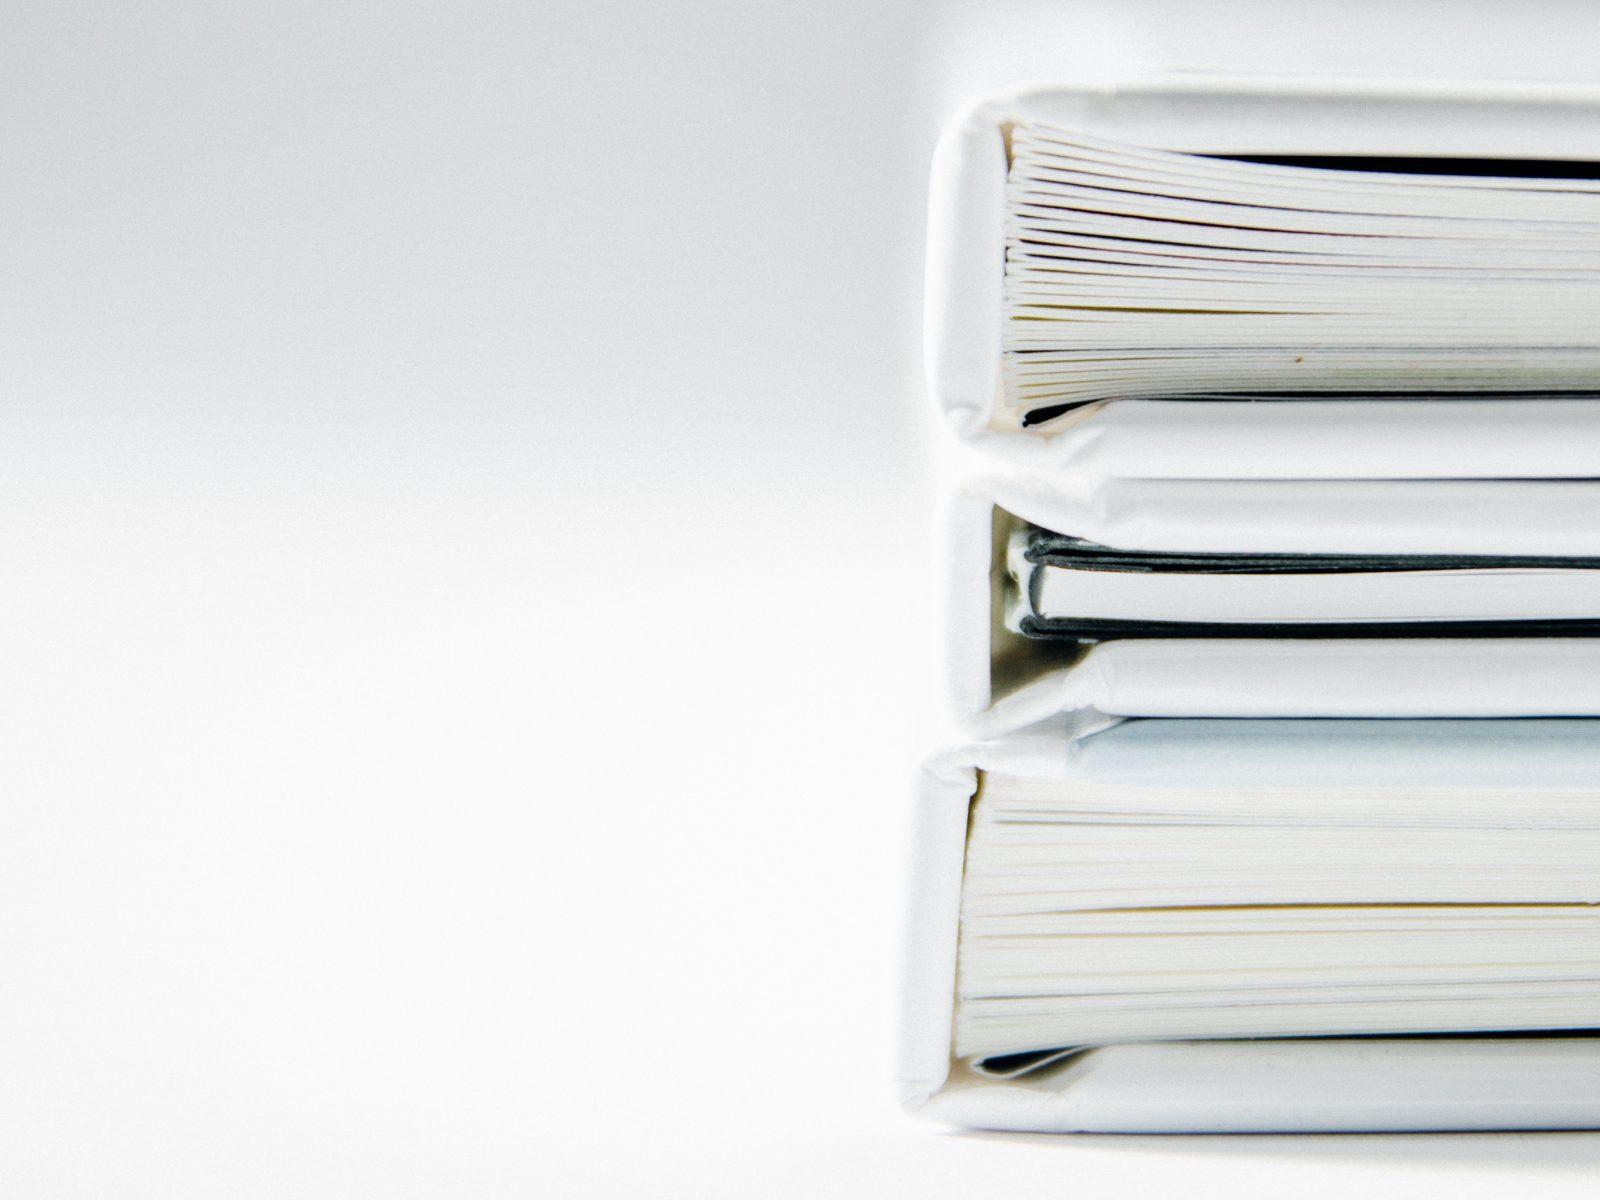 Análise de manuscrito_O que é_Ana Viegas